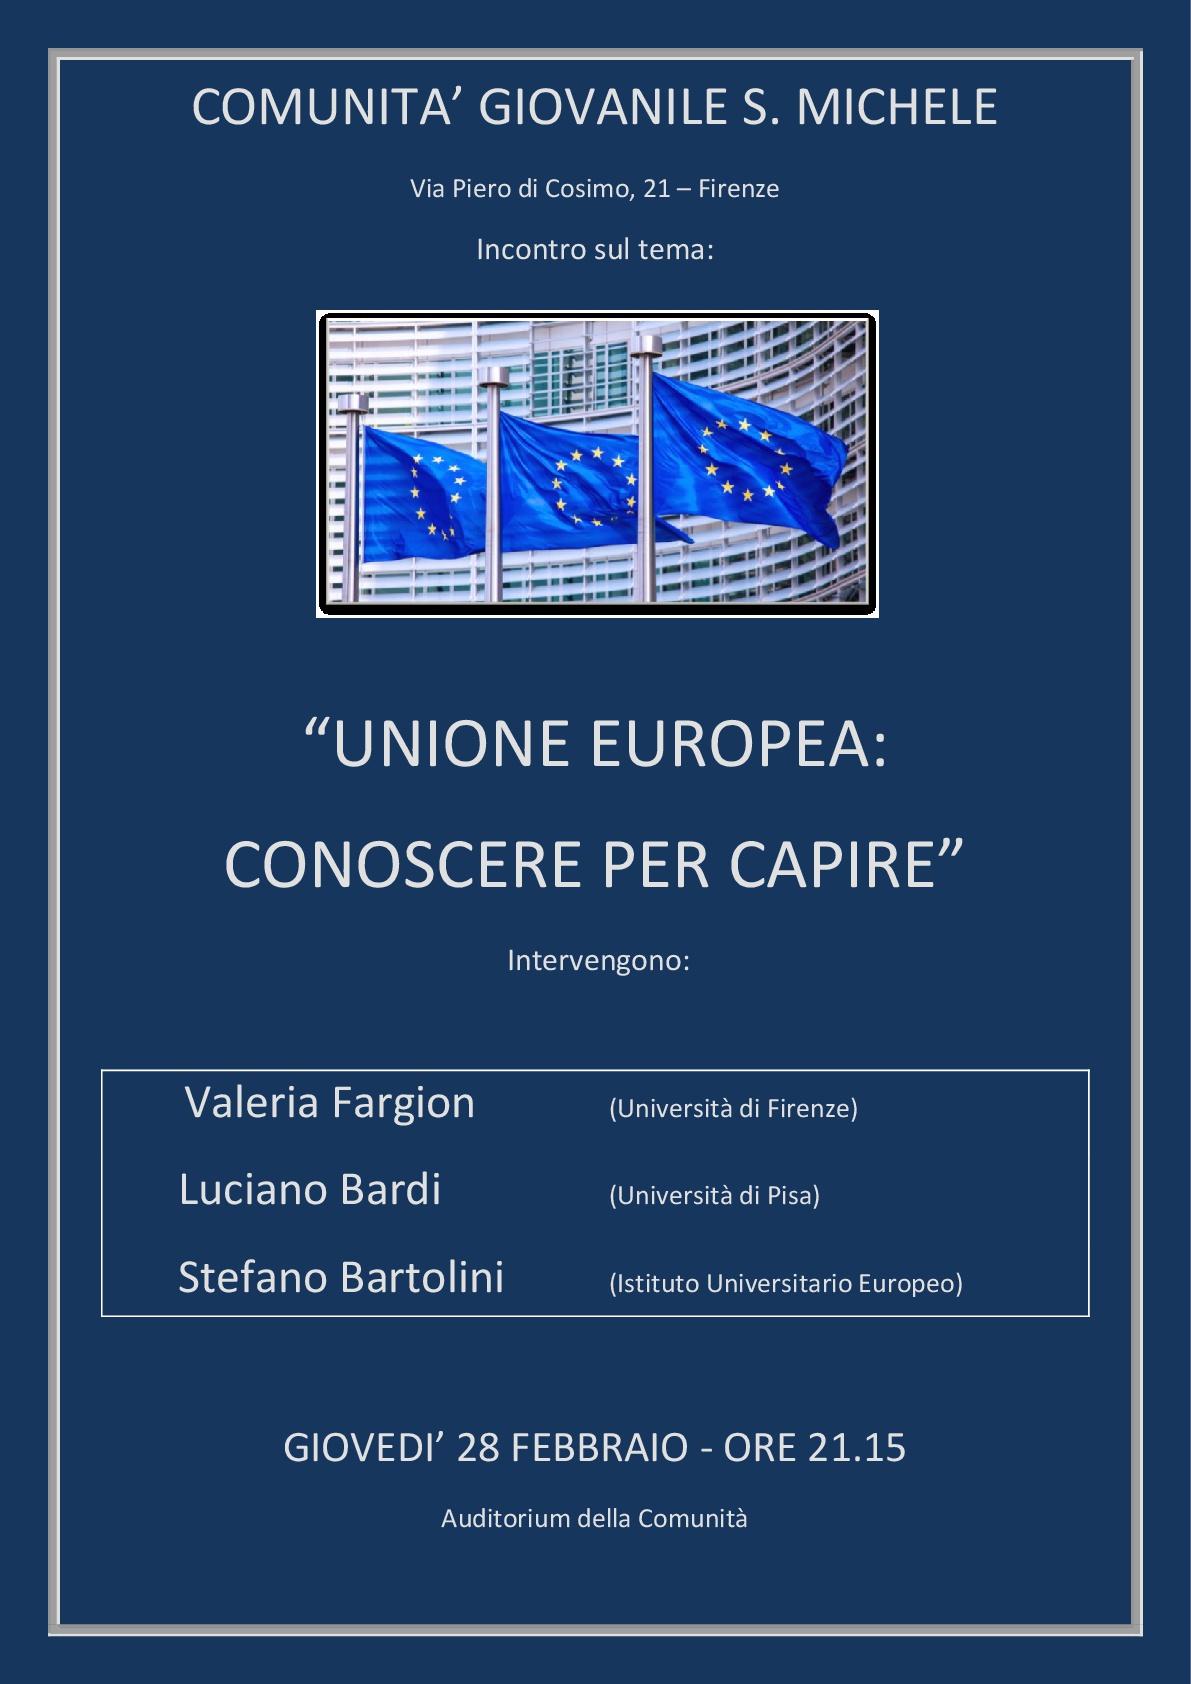 """""""Conoscere per capire"""": giovedì 28 febbraio all'Auditorium San Michele incontro sull'Unione Europea"""